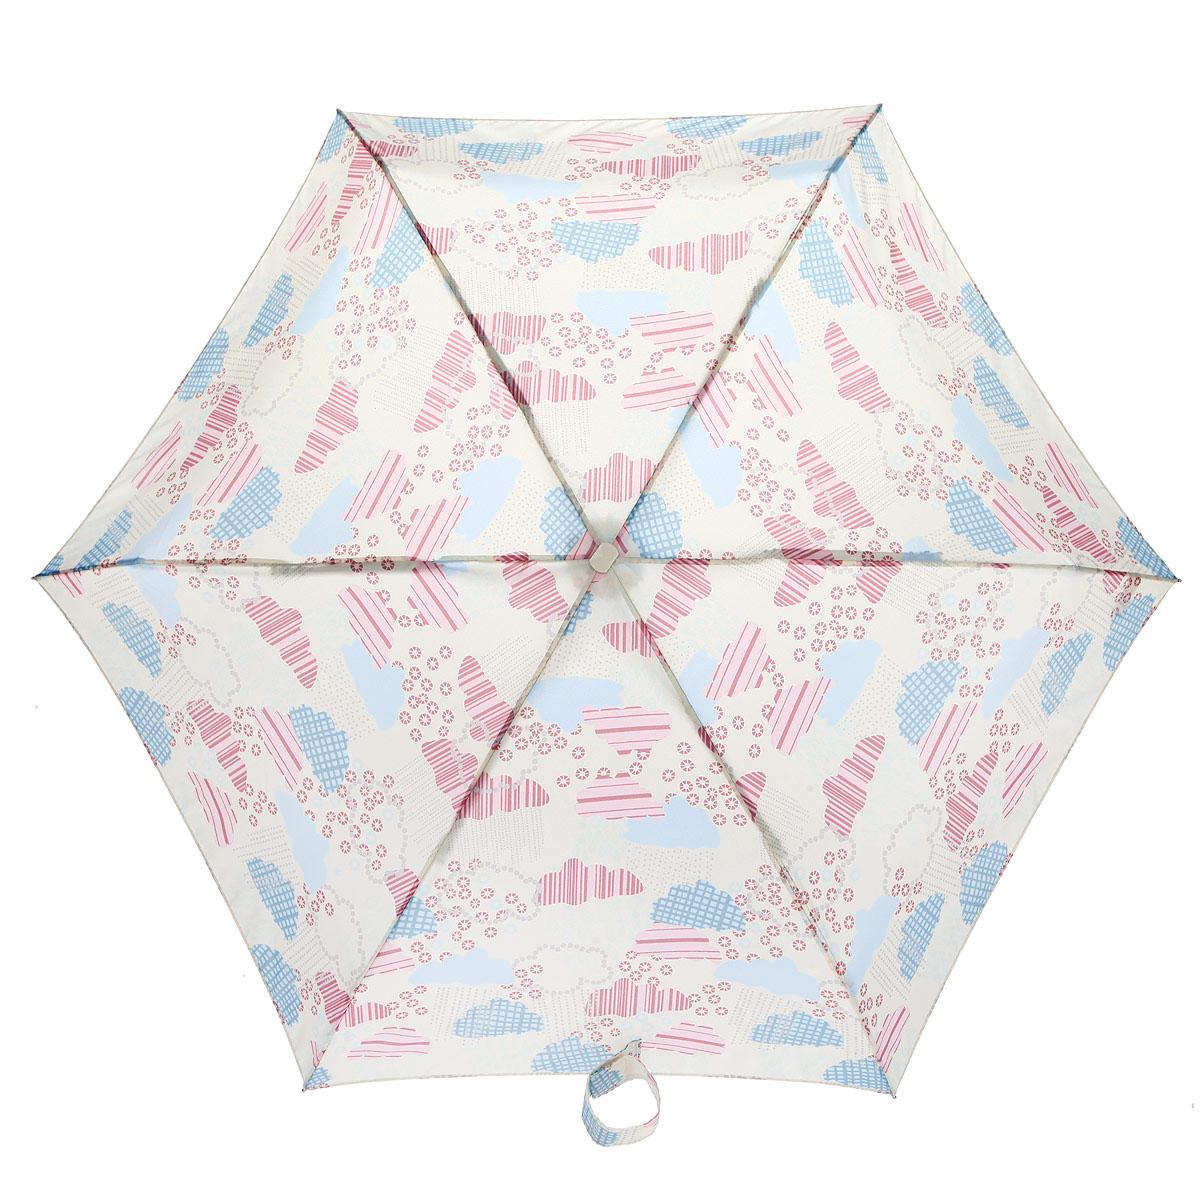 Зонт женский Fulton Tiny-2. Clouds, механический, 5 сложений, цвет: мультицвет. L501-2926L501-2926Очаровательный механический зонт Tiny-2. Clouds в 5 сложений изготовлен из высокопрочных материалов. Каркас зонта состоит из 6 спиц и прочного алюминиевого стержня. Купол зонта выполнен из прочного полиэстера с водоотталкивающей пропиткой и оформлен оригинальным принтом. Рукоятка изготовлена из пластика. Зонт имеет механический механизм сложения: купол открывается и закрывается вручную до характерного щелчка. Небольшой шнурок, расположенный на рукоятке, позволяет надеть изделие на руку при необходимости. Модель закрывается при помощи хлястика на застежку-липучку. К зонту прилагается чехол. Прелестный зонт не только выручит вас в ненастную погоду, но и станет стильным аксессуаром, прекрасно дополнит ваш модный образ. Необыкновенно компактный зонт с легкостью поместится в маленькую сумочку.